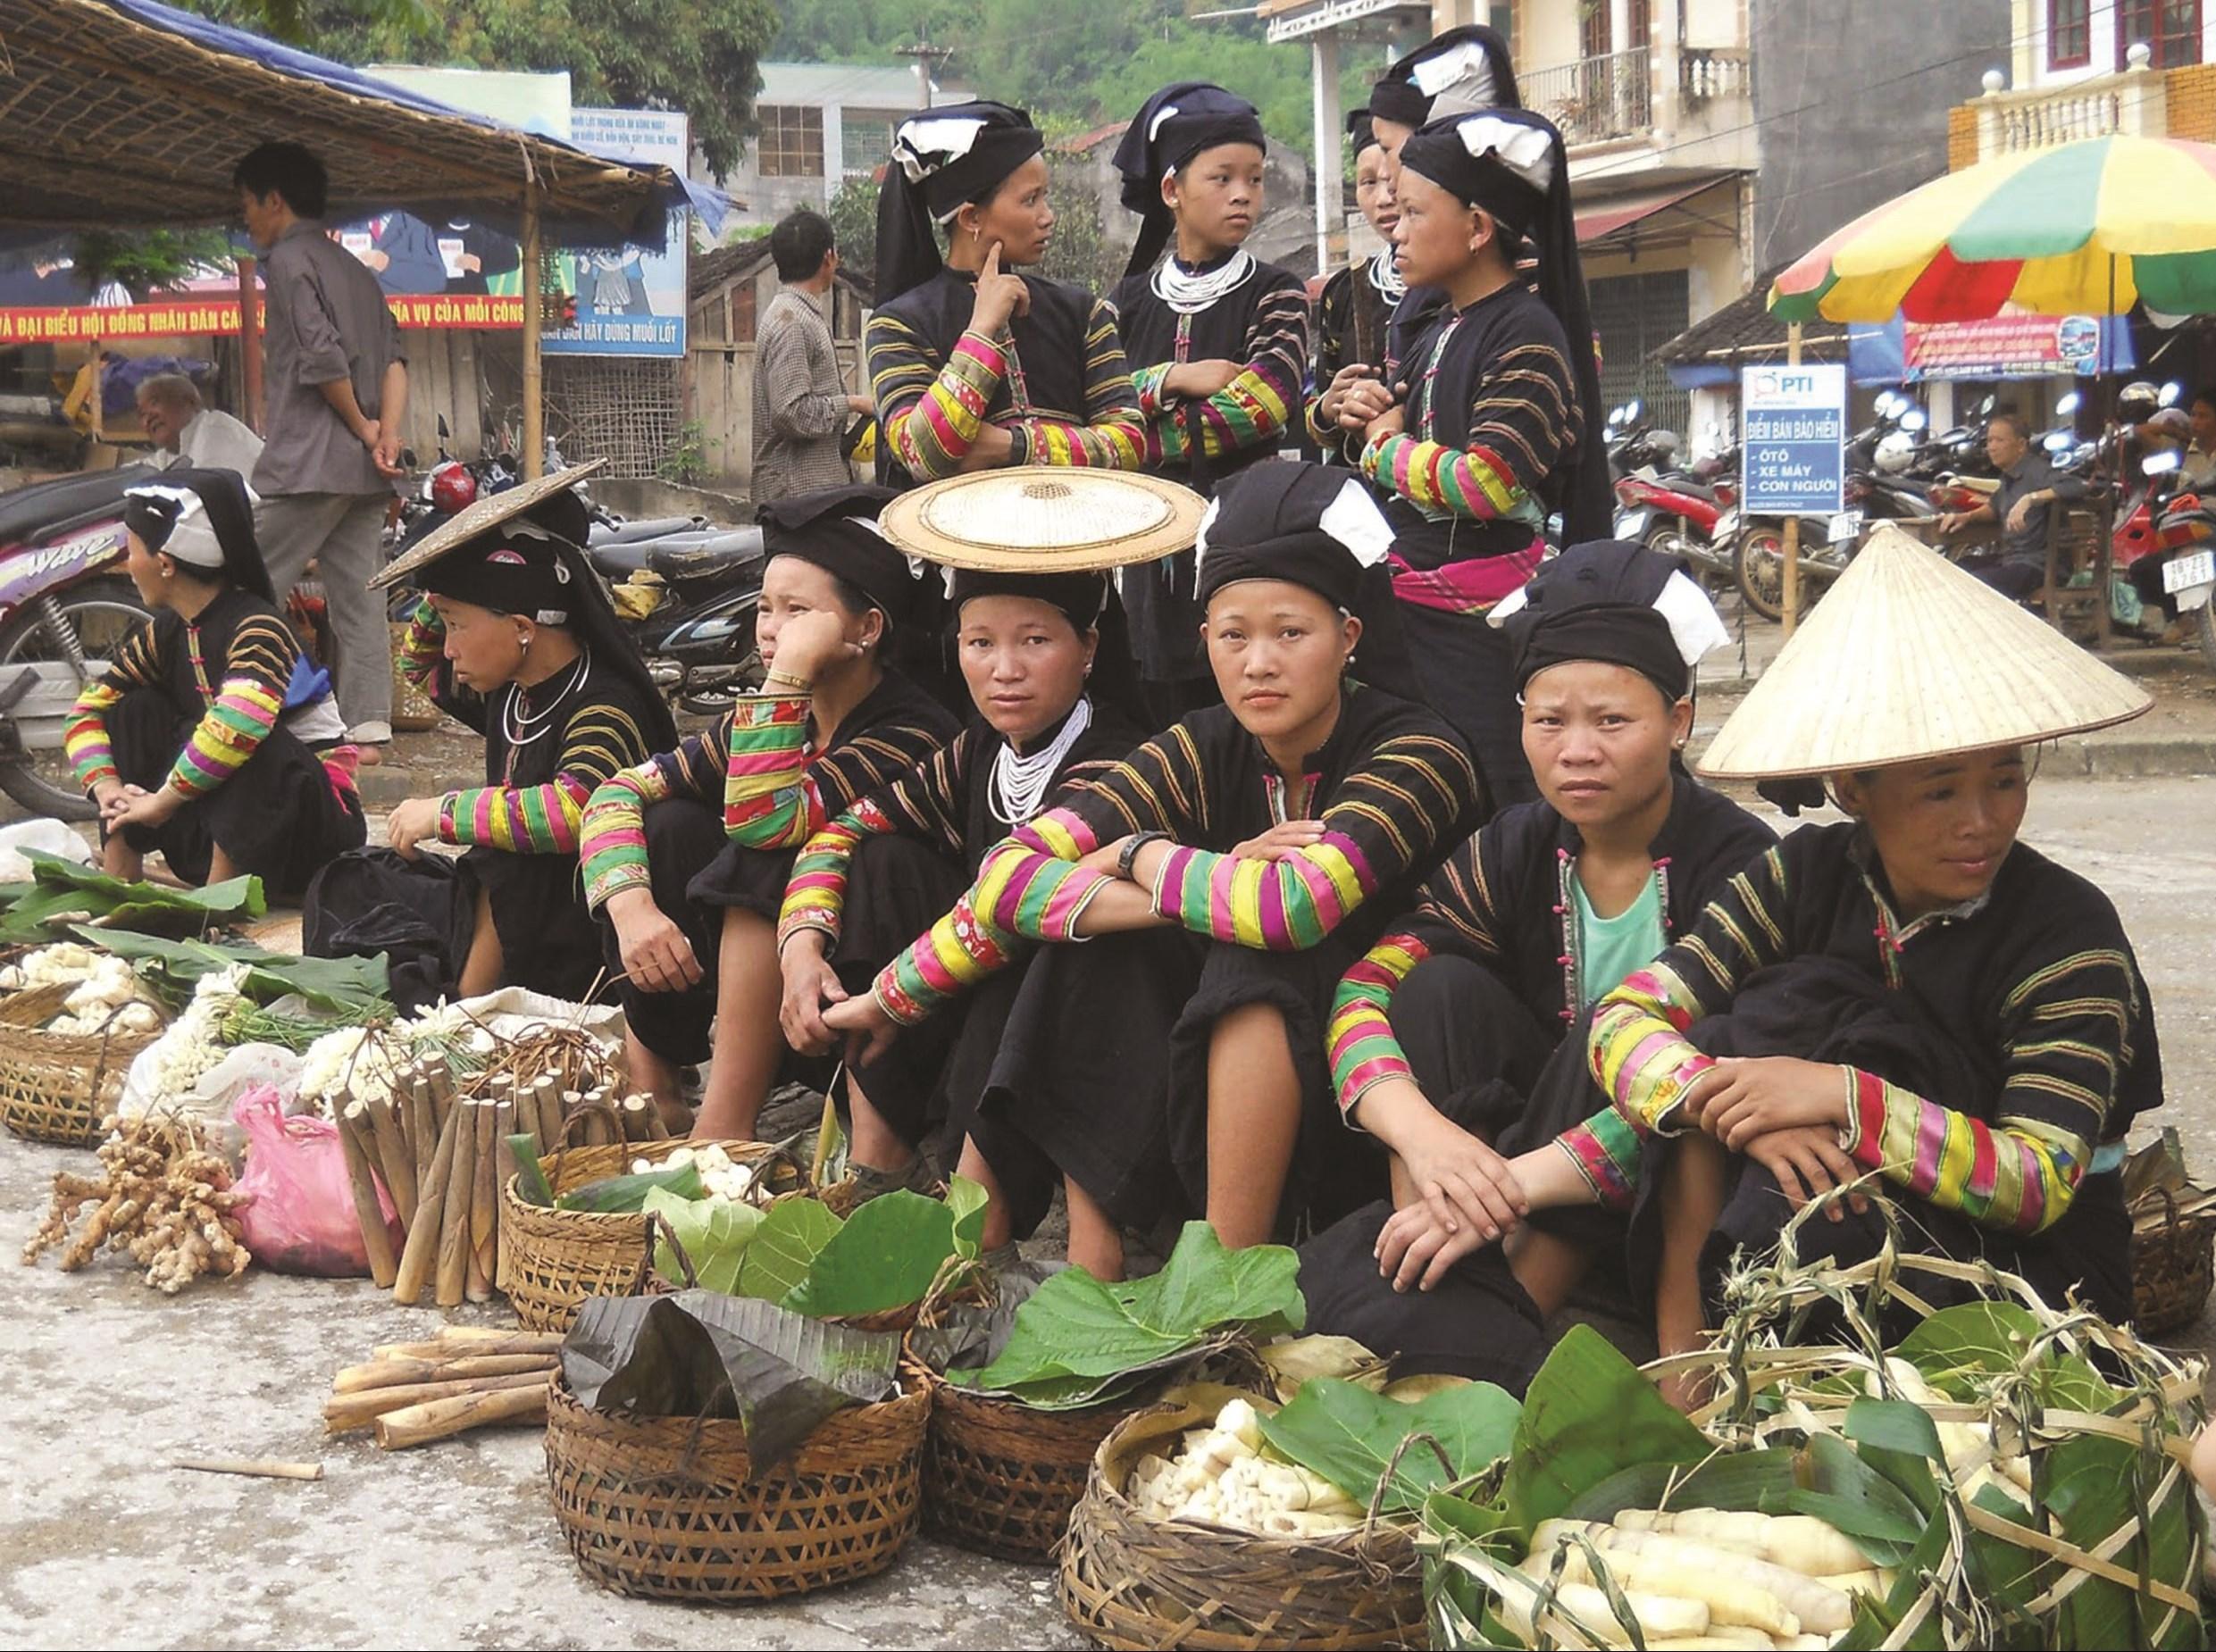 Đồng bào dân tộc đem các sản vật tự sản xuất ra chợ phiên buôn bán